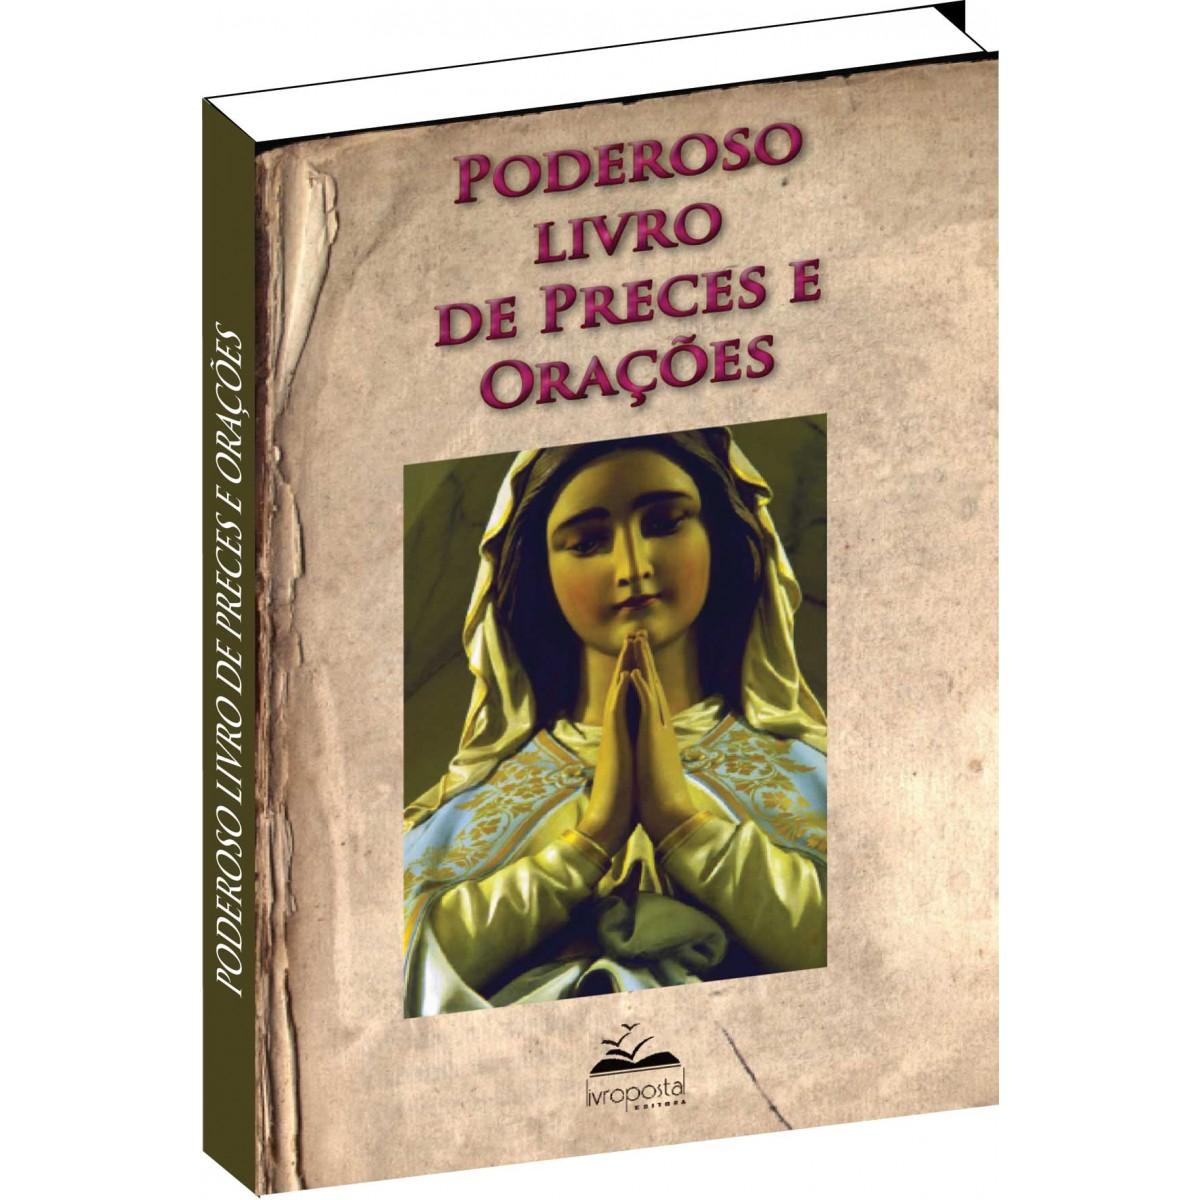 Poderoso livro de Preces e Orações  - Livropostal Editora